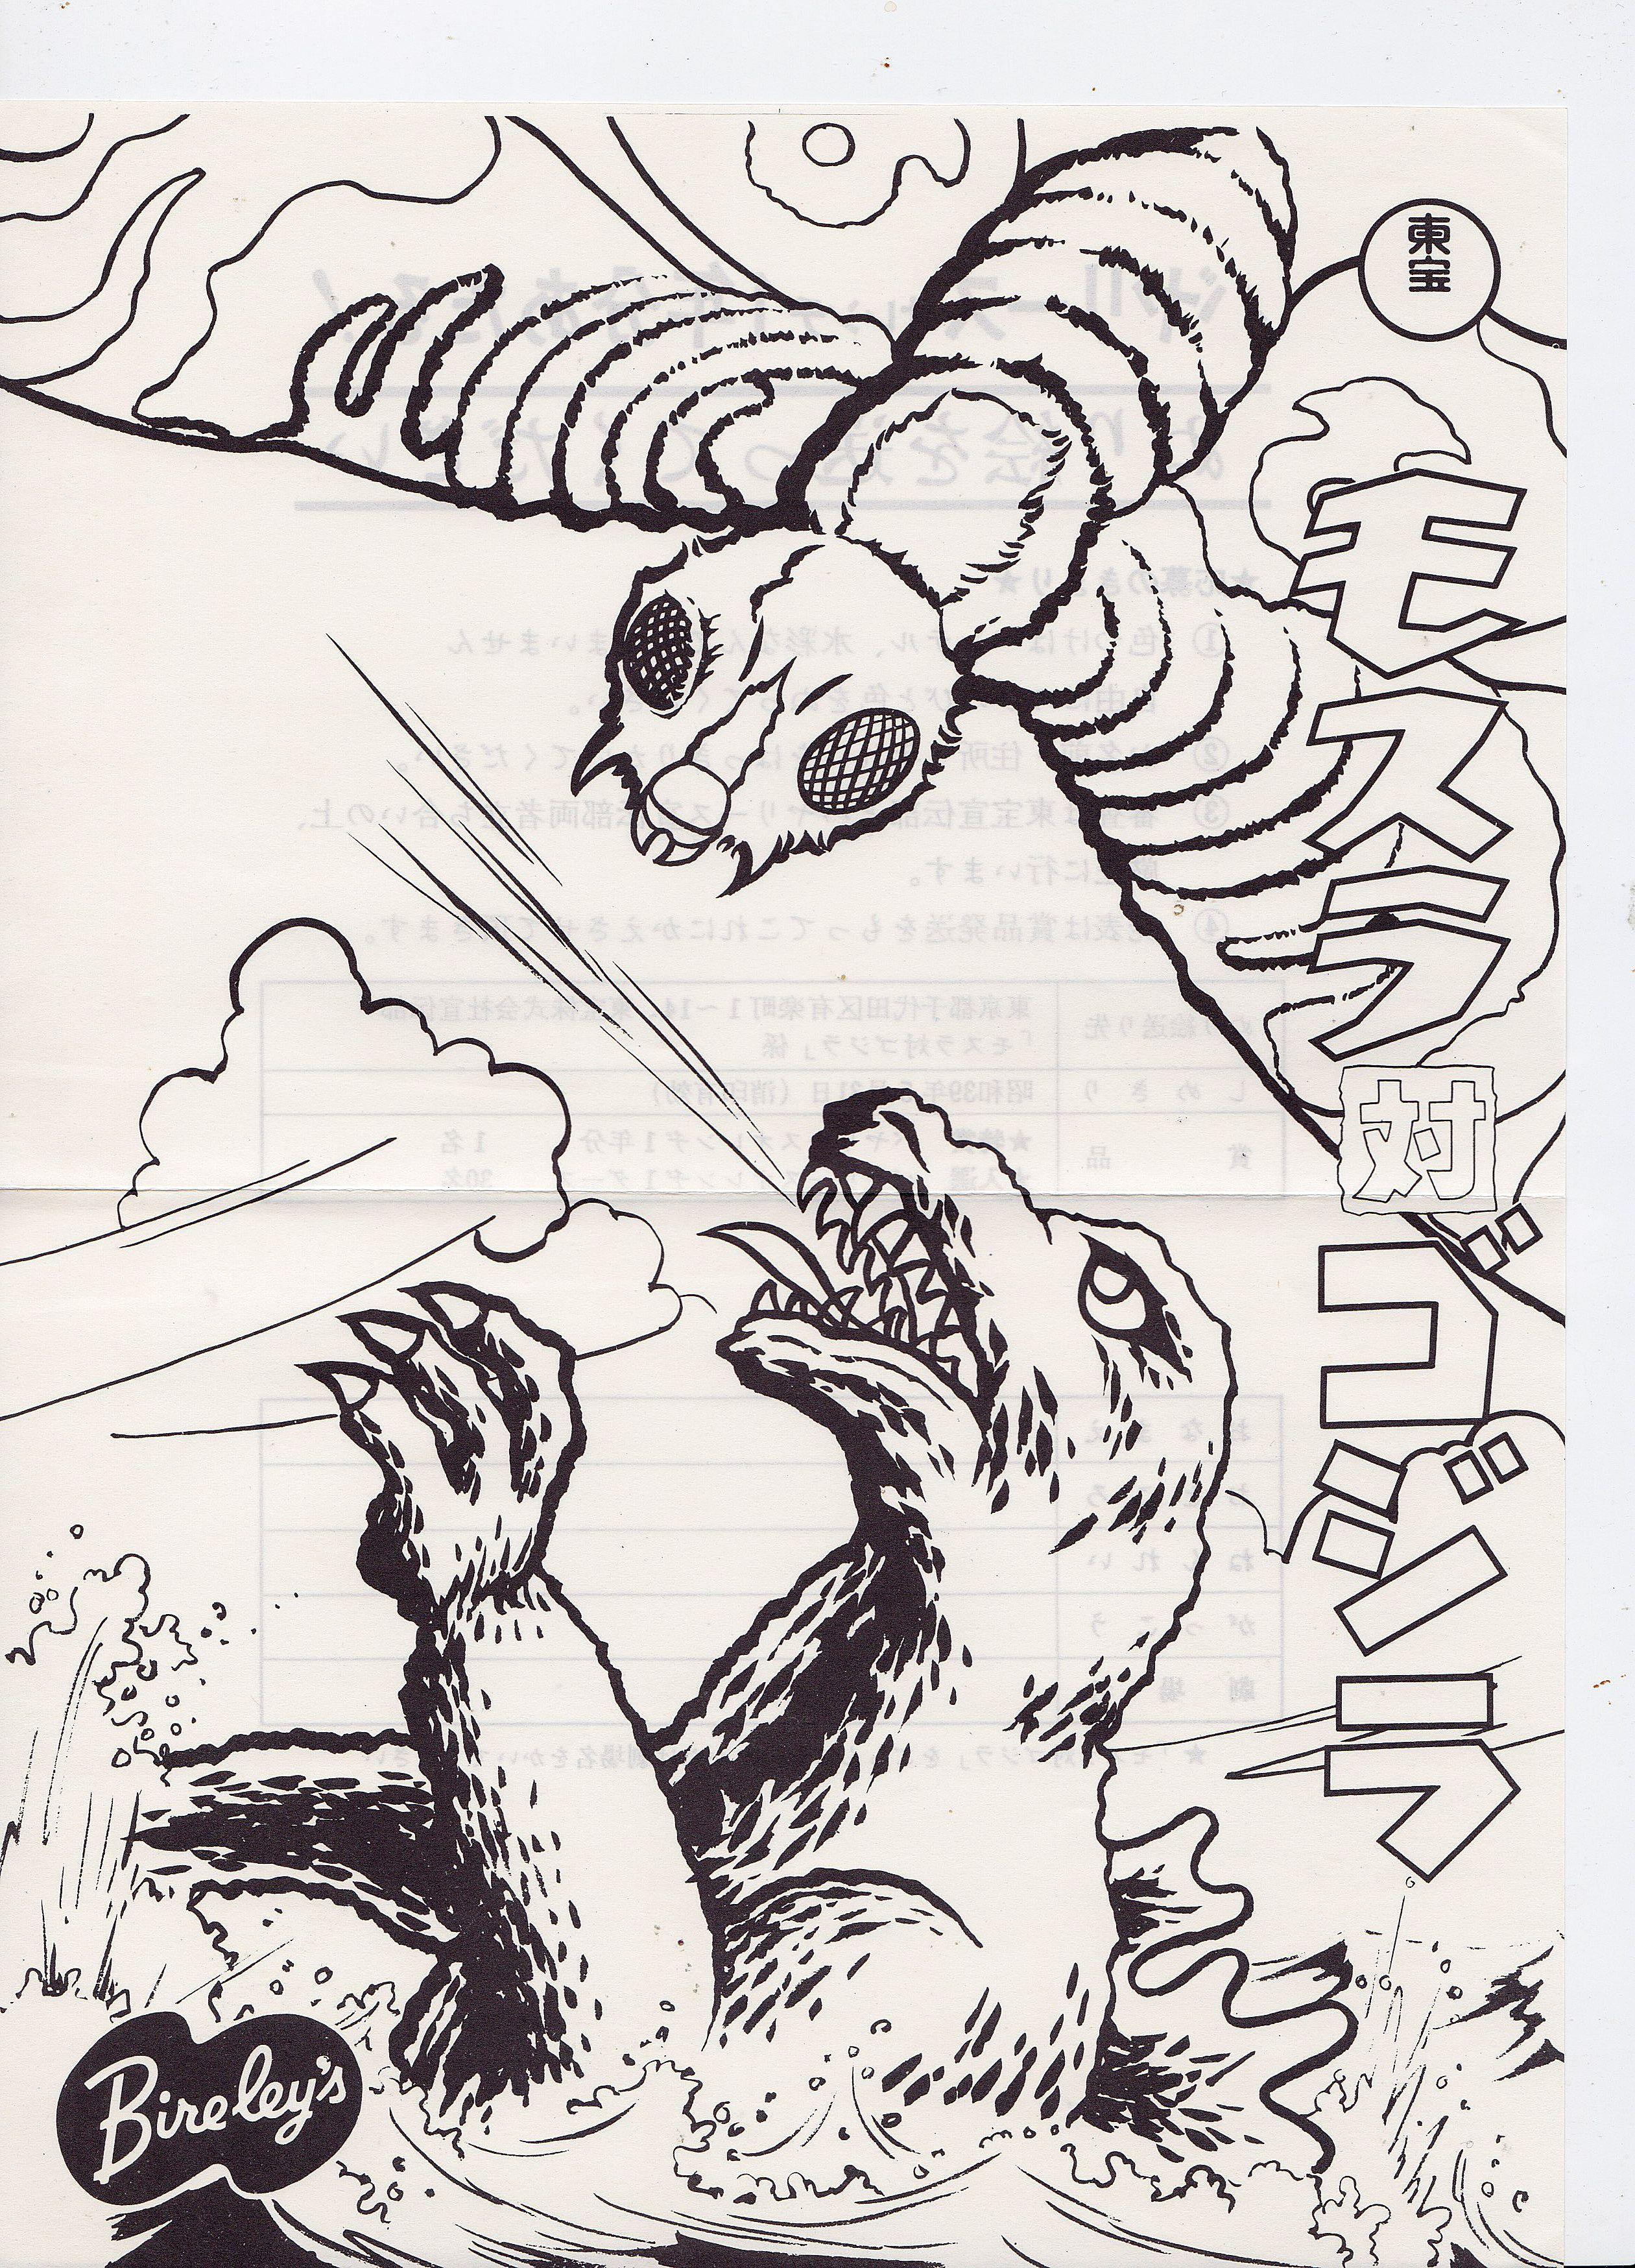 MOTHRA VS GODZILLA colouring page from Bireley\'s. (1964) | MOTHRA ...